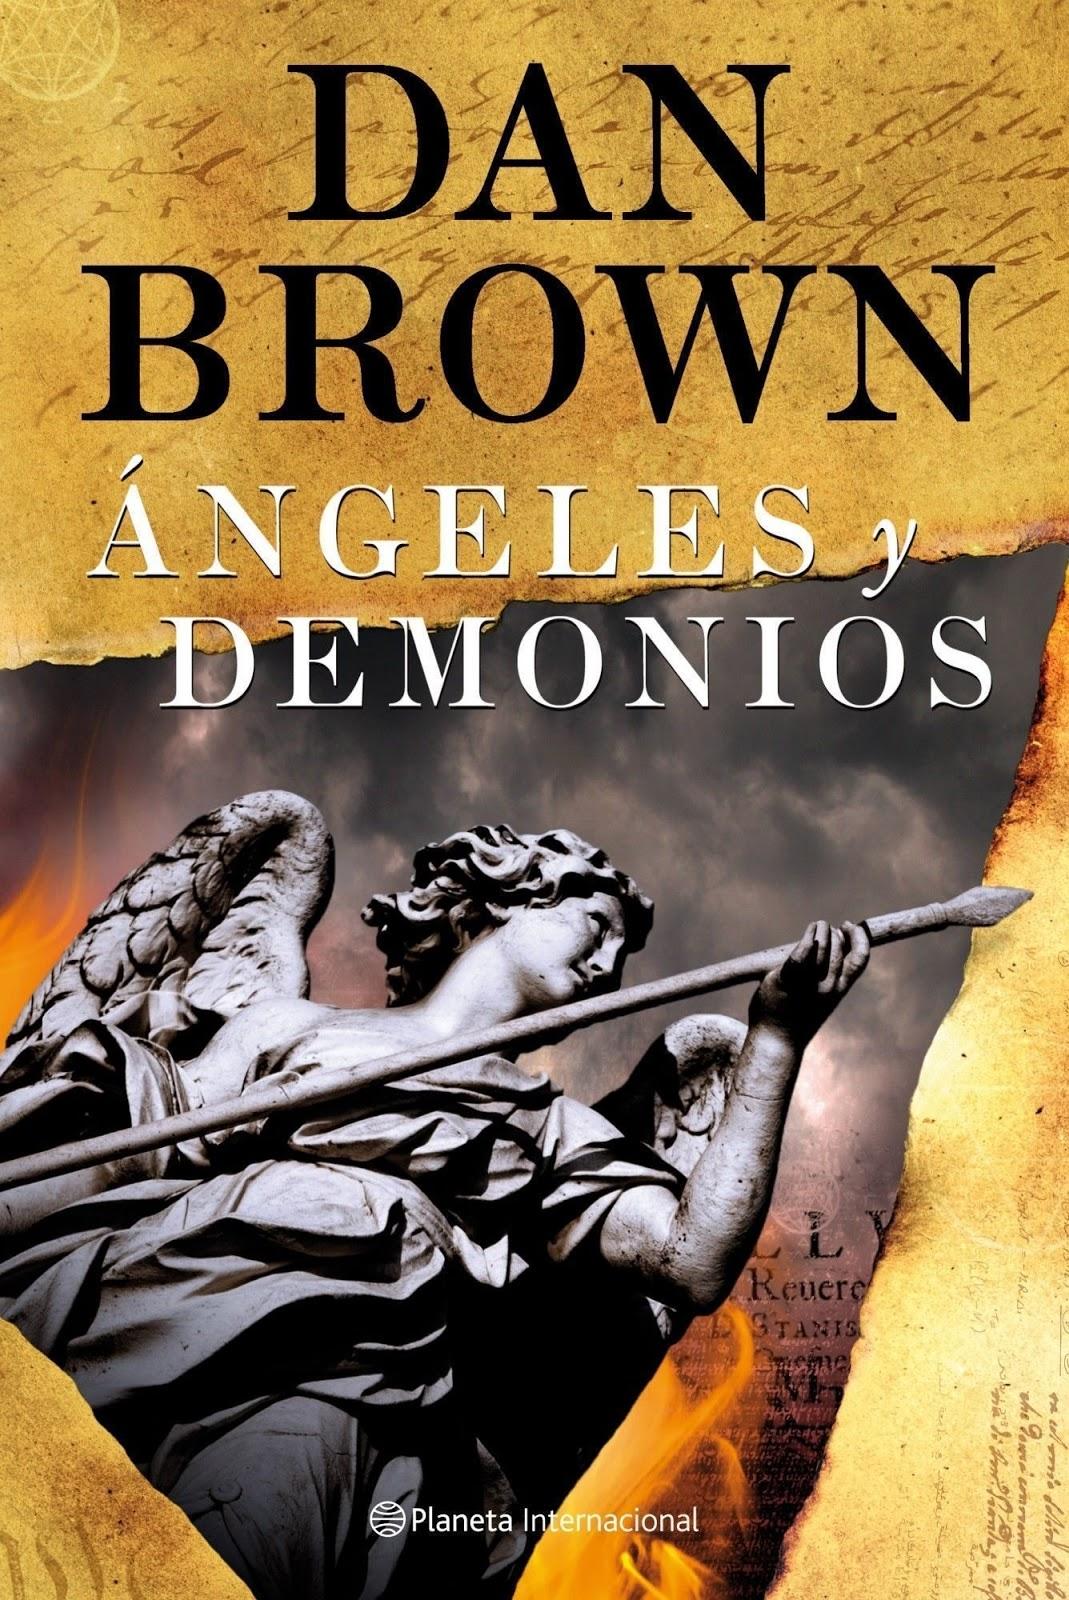 Actualidad En Libros Descarga Gratis Los Libros De Dan Brown Formato Pdf